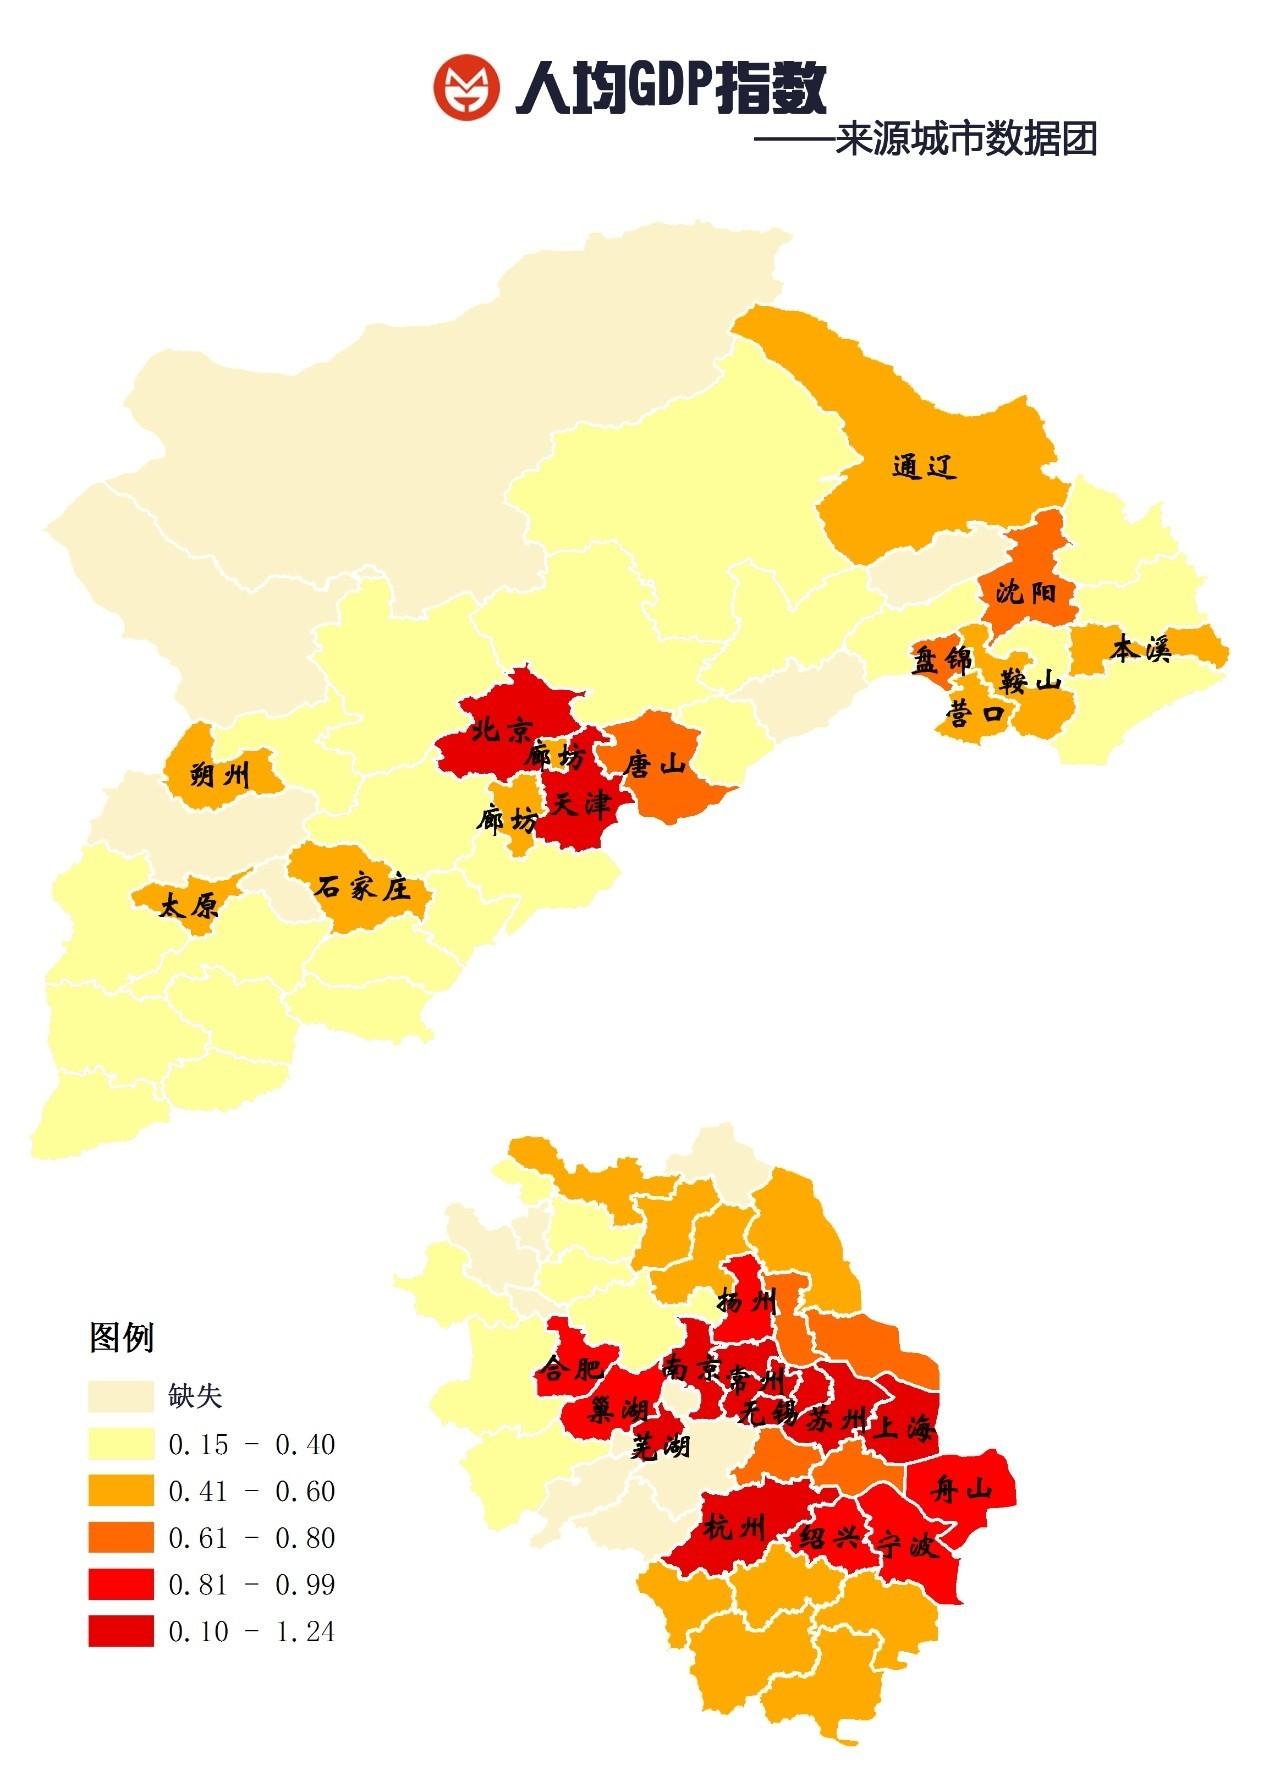 安徽省宿州市埇桥区人均gdp_宿州市埇桥区地图